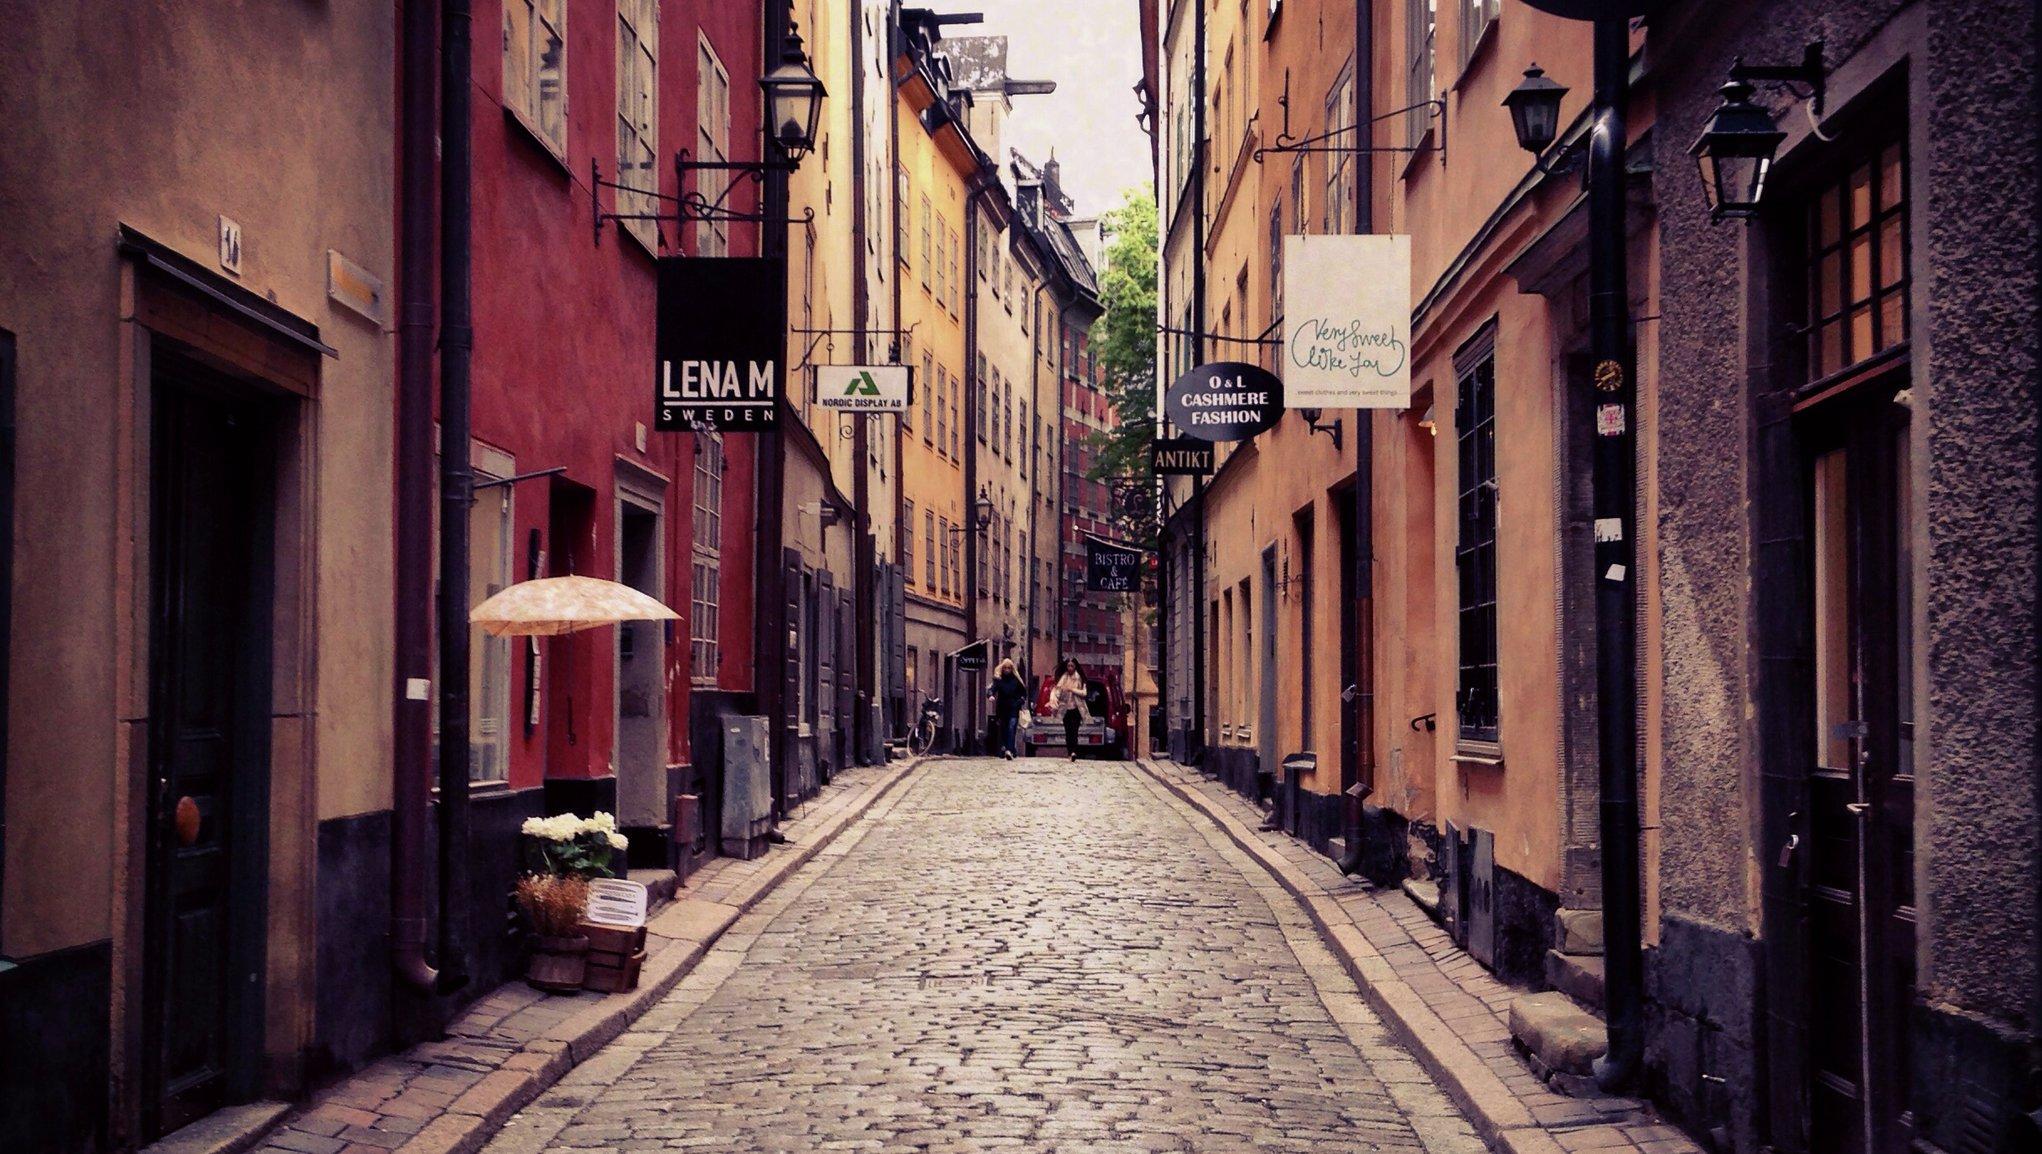 Stockholm oldtown street view photo